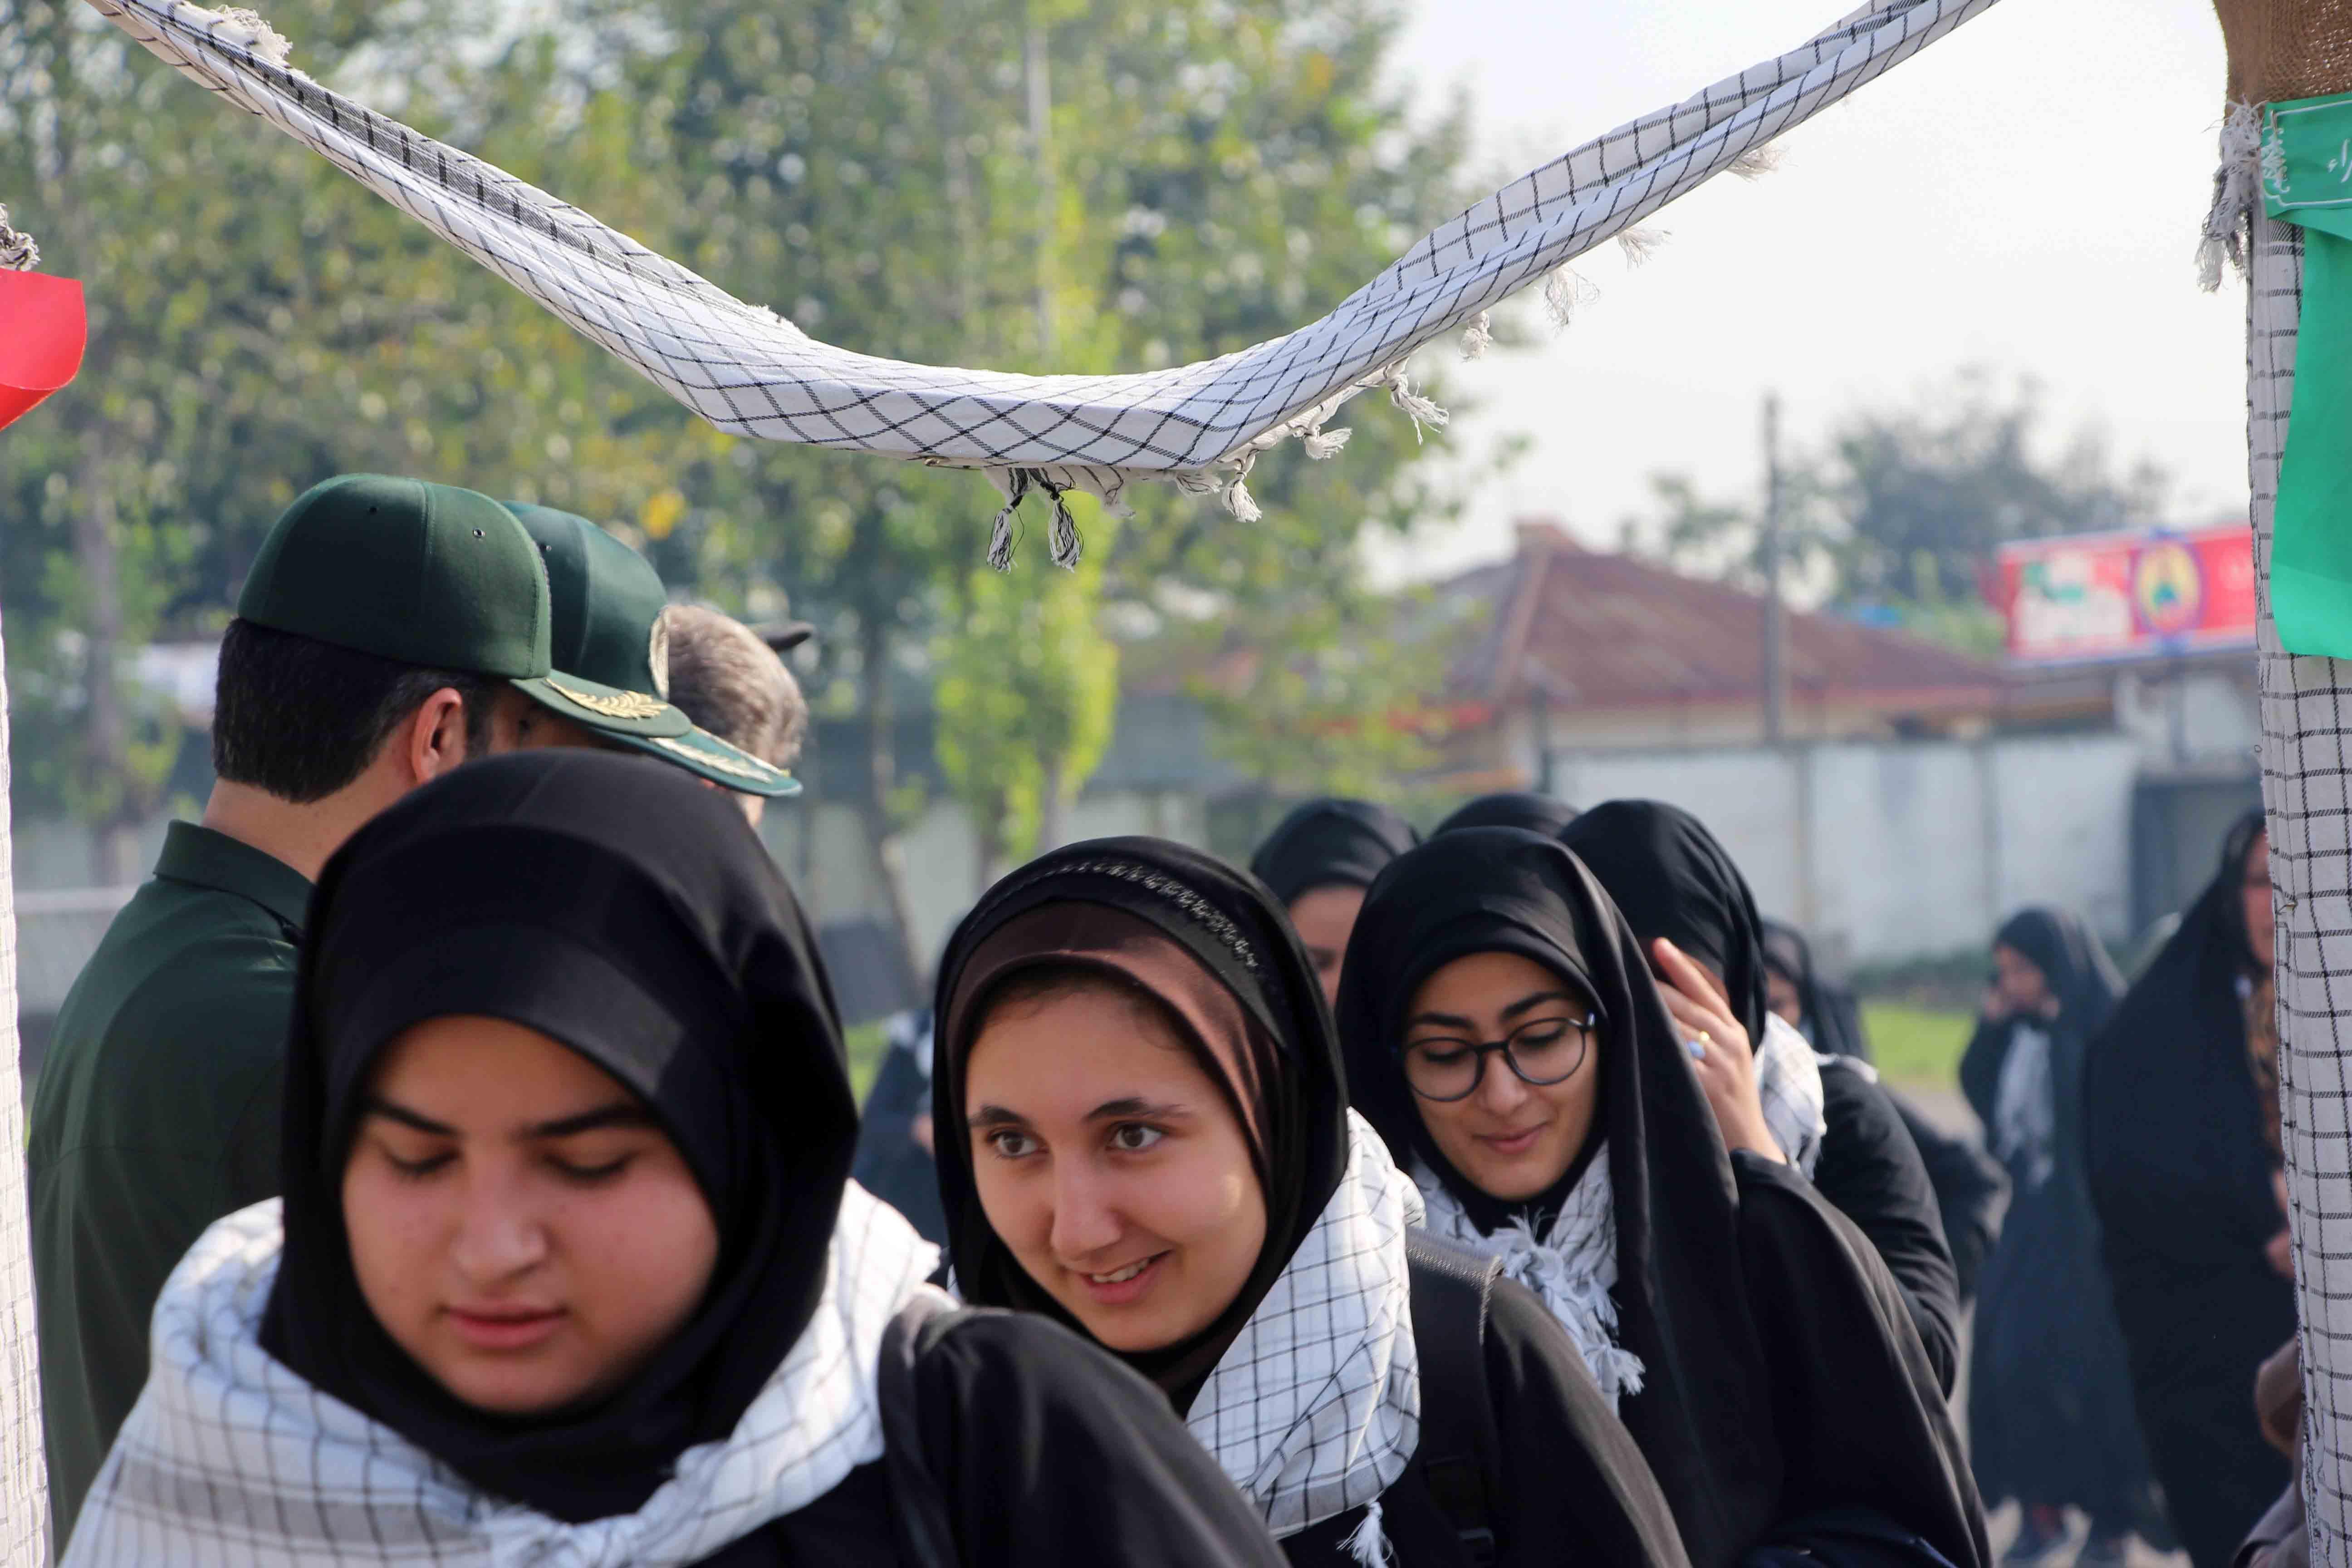 اعزام 135 نفر از دانش آموزان دختر فومنی به مناطق عملیاتی غرب کشور+تصاویر